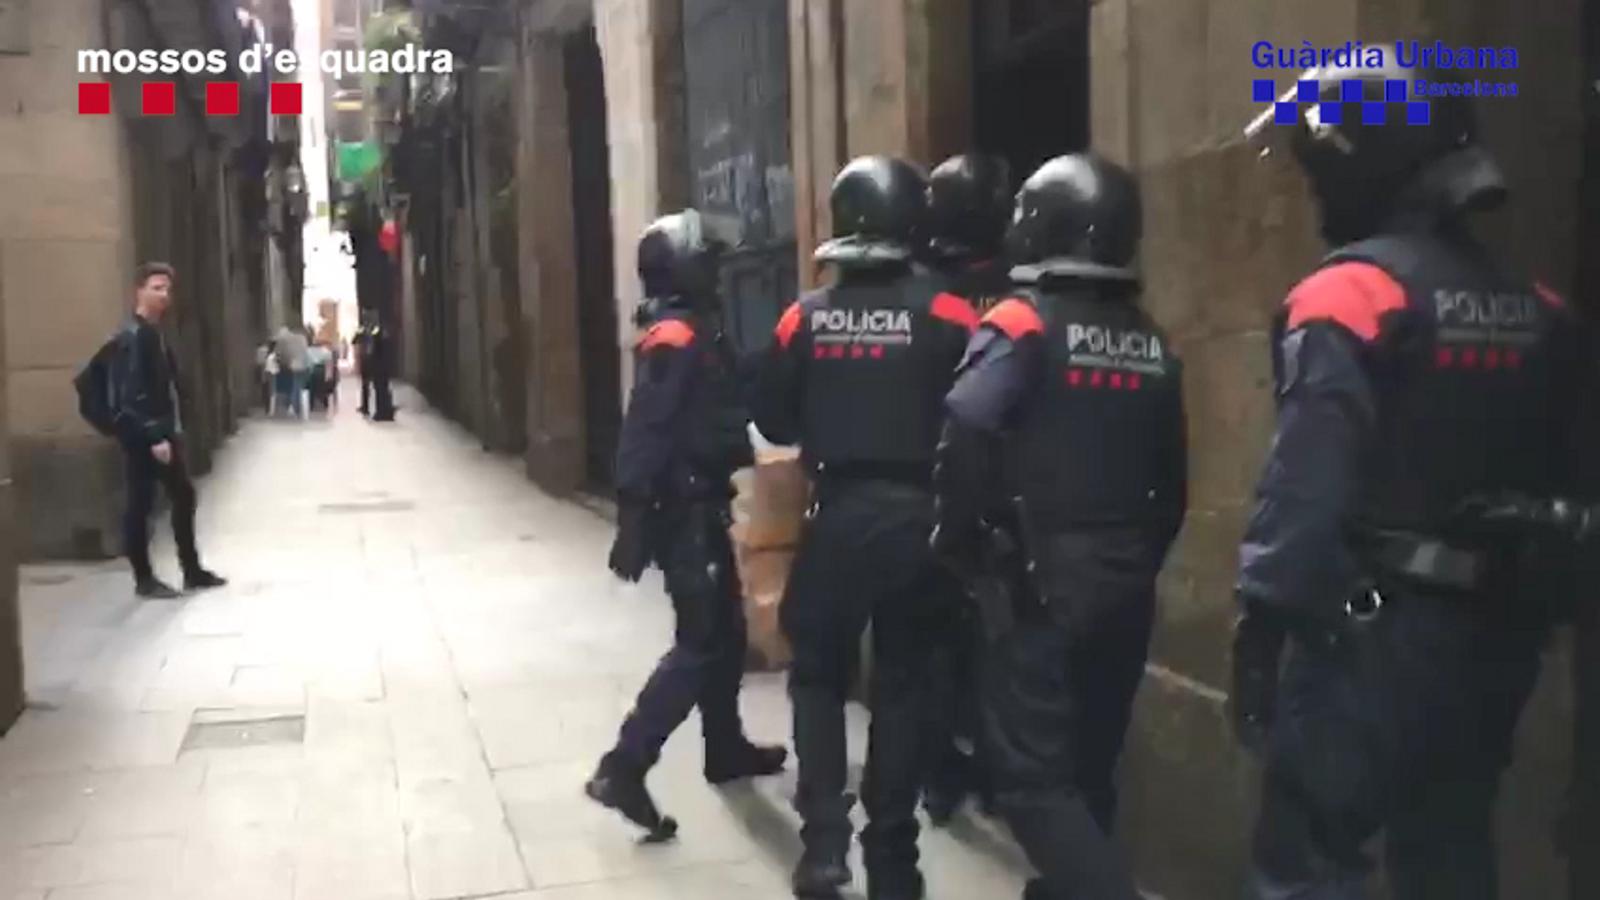 Desarticulat un grup que captava turistes als carrers de Barcelona per vendre'ls drogues en un pis